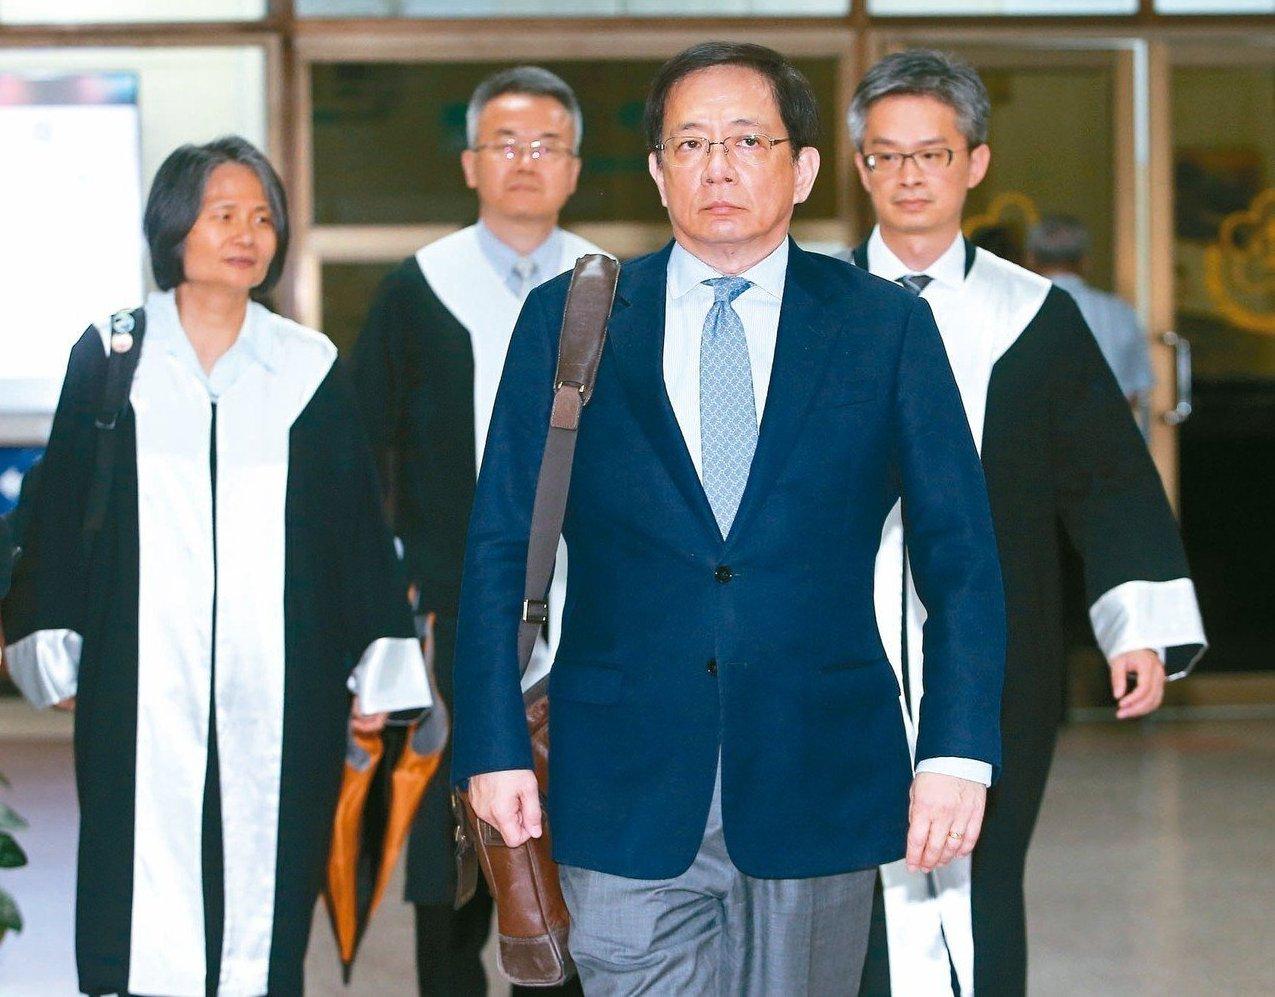 台大校長管中閔(前右)任政務官期間有酬為媒體撰寫論文,遭監察院以違法兼職彈劾。圖...